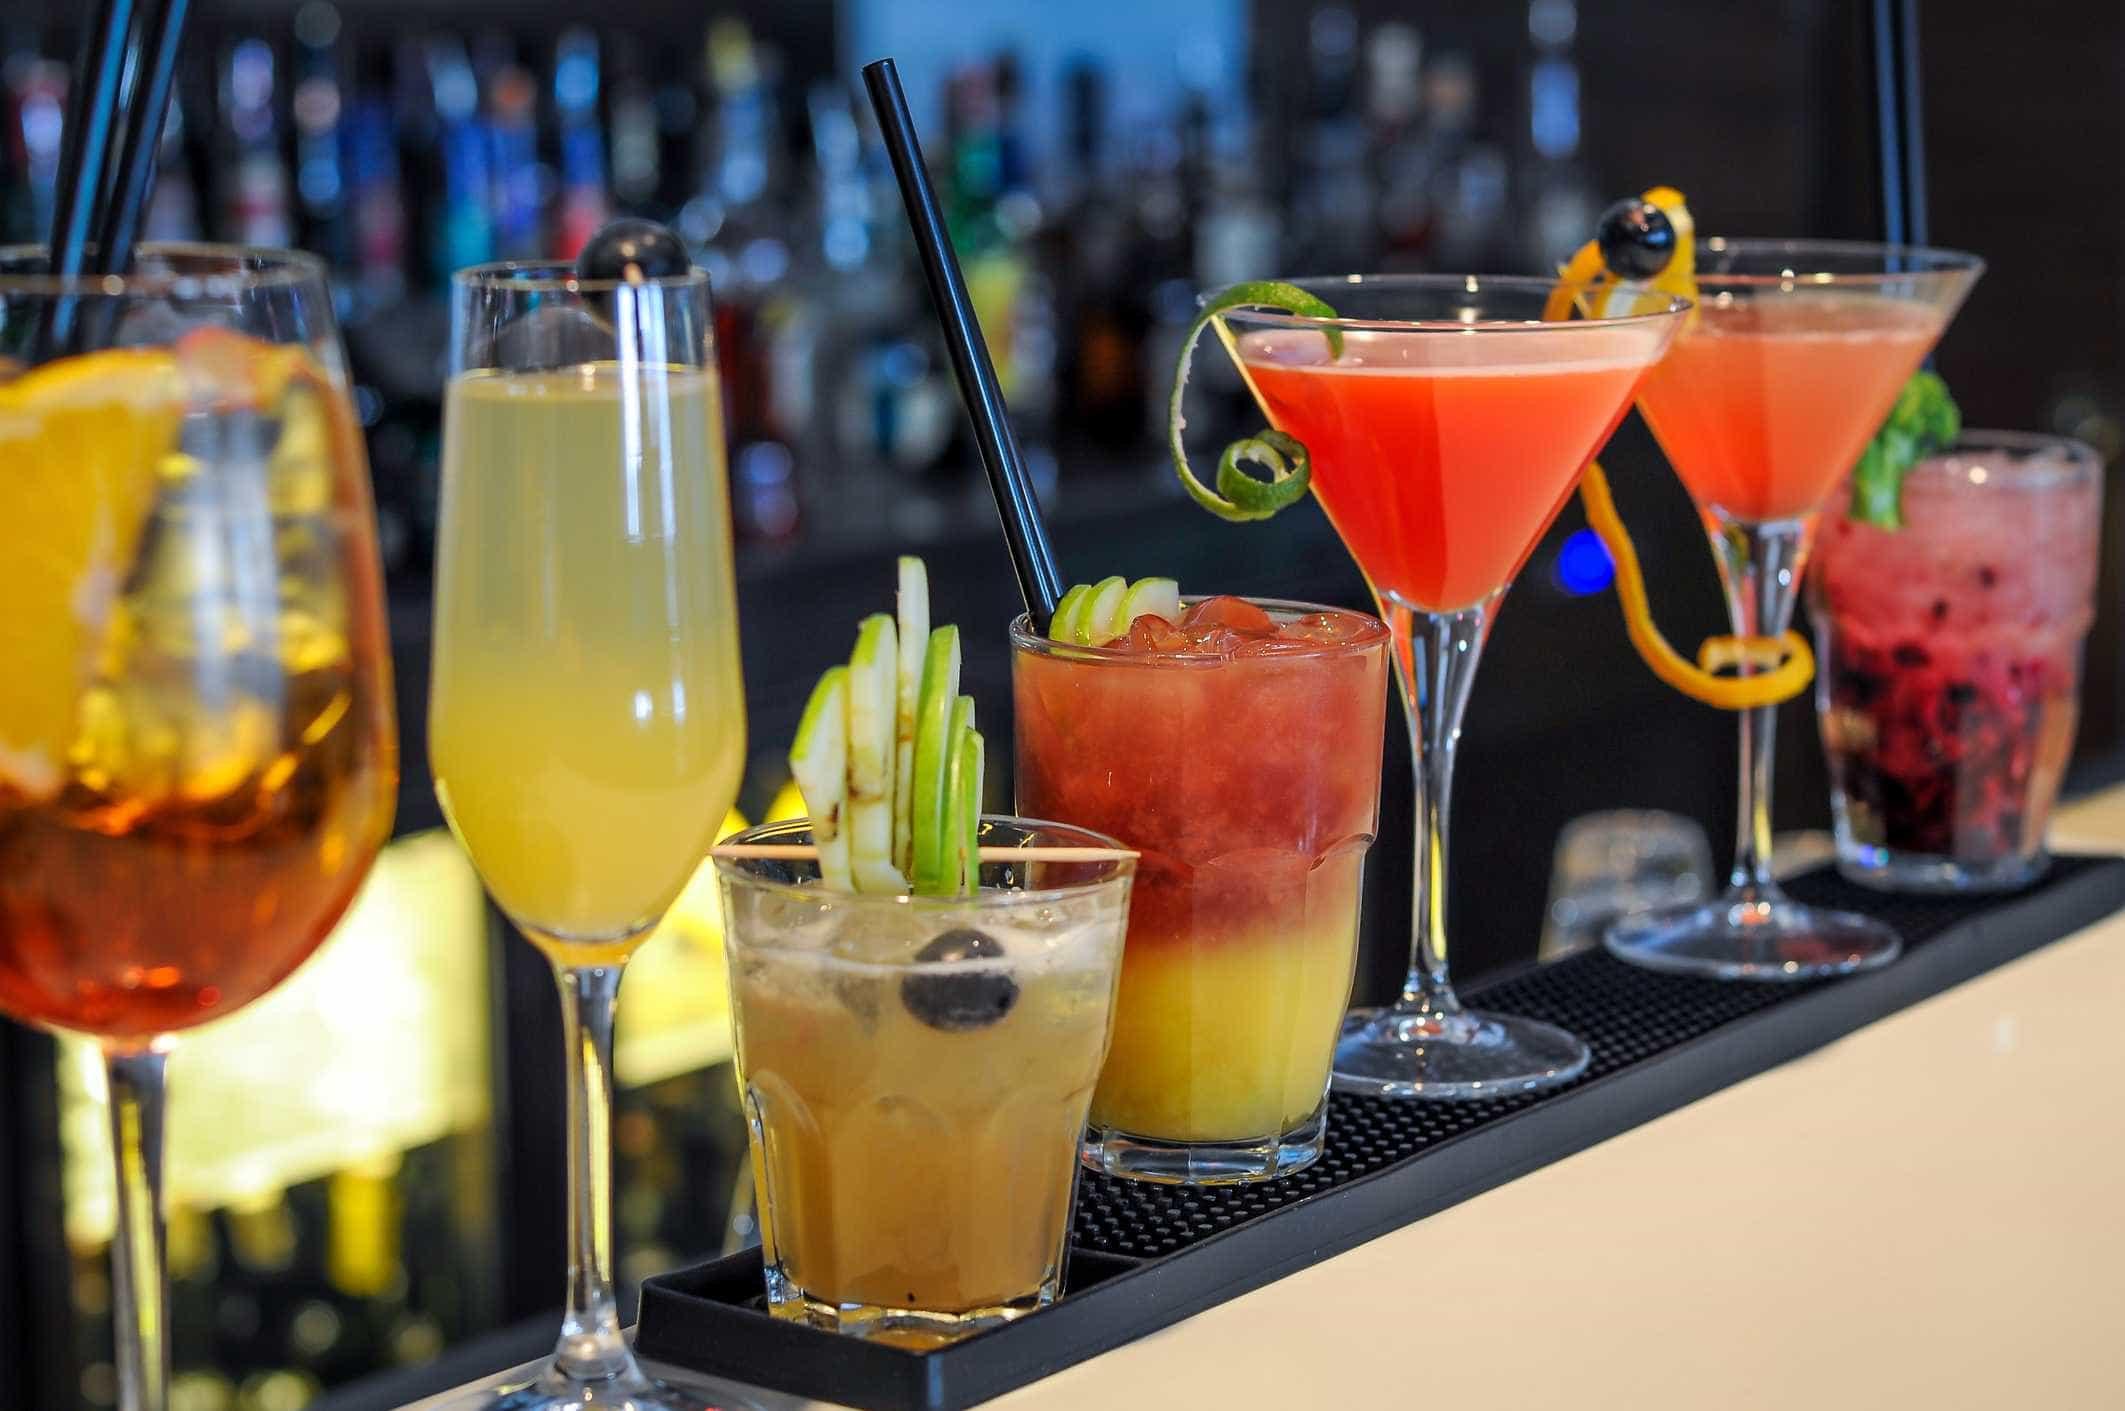 Alerta: países onde o consumo de álcool é restrito ou proibido